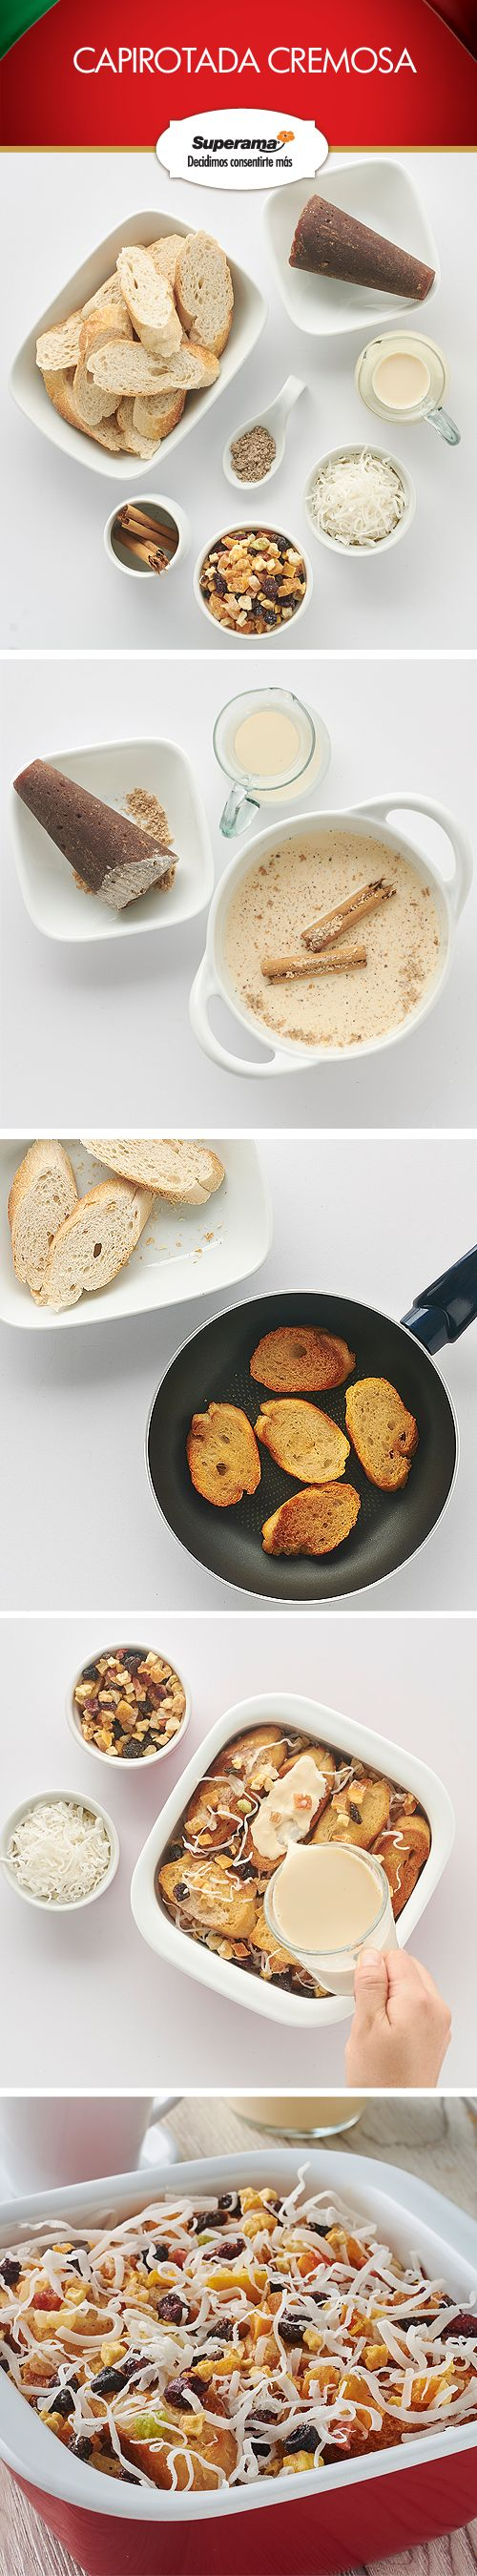 #Capirotada cremosa: Hierve 1 lata de leche evaporada con 1 cdita. de cardamomo molido, 1 rama de canela y ½ tz. de piloncillo rallado. Cocina por 7 min., cuela y refrigera. Corta 1 baguette en rodajas, fríelas y escurre en papel absorbente. Acomoda una cama de pan en un molde, añade 3 cditas. de frutos secos mixtos y 2 cdas. de coco rallado; repite hasta llenar el molde. Vierte la leche y refrigera.